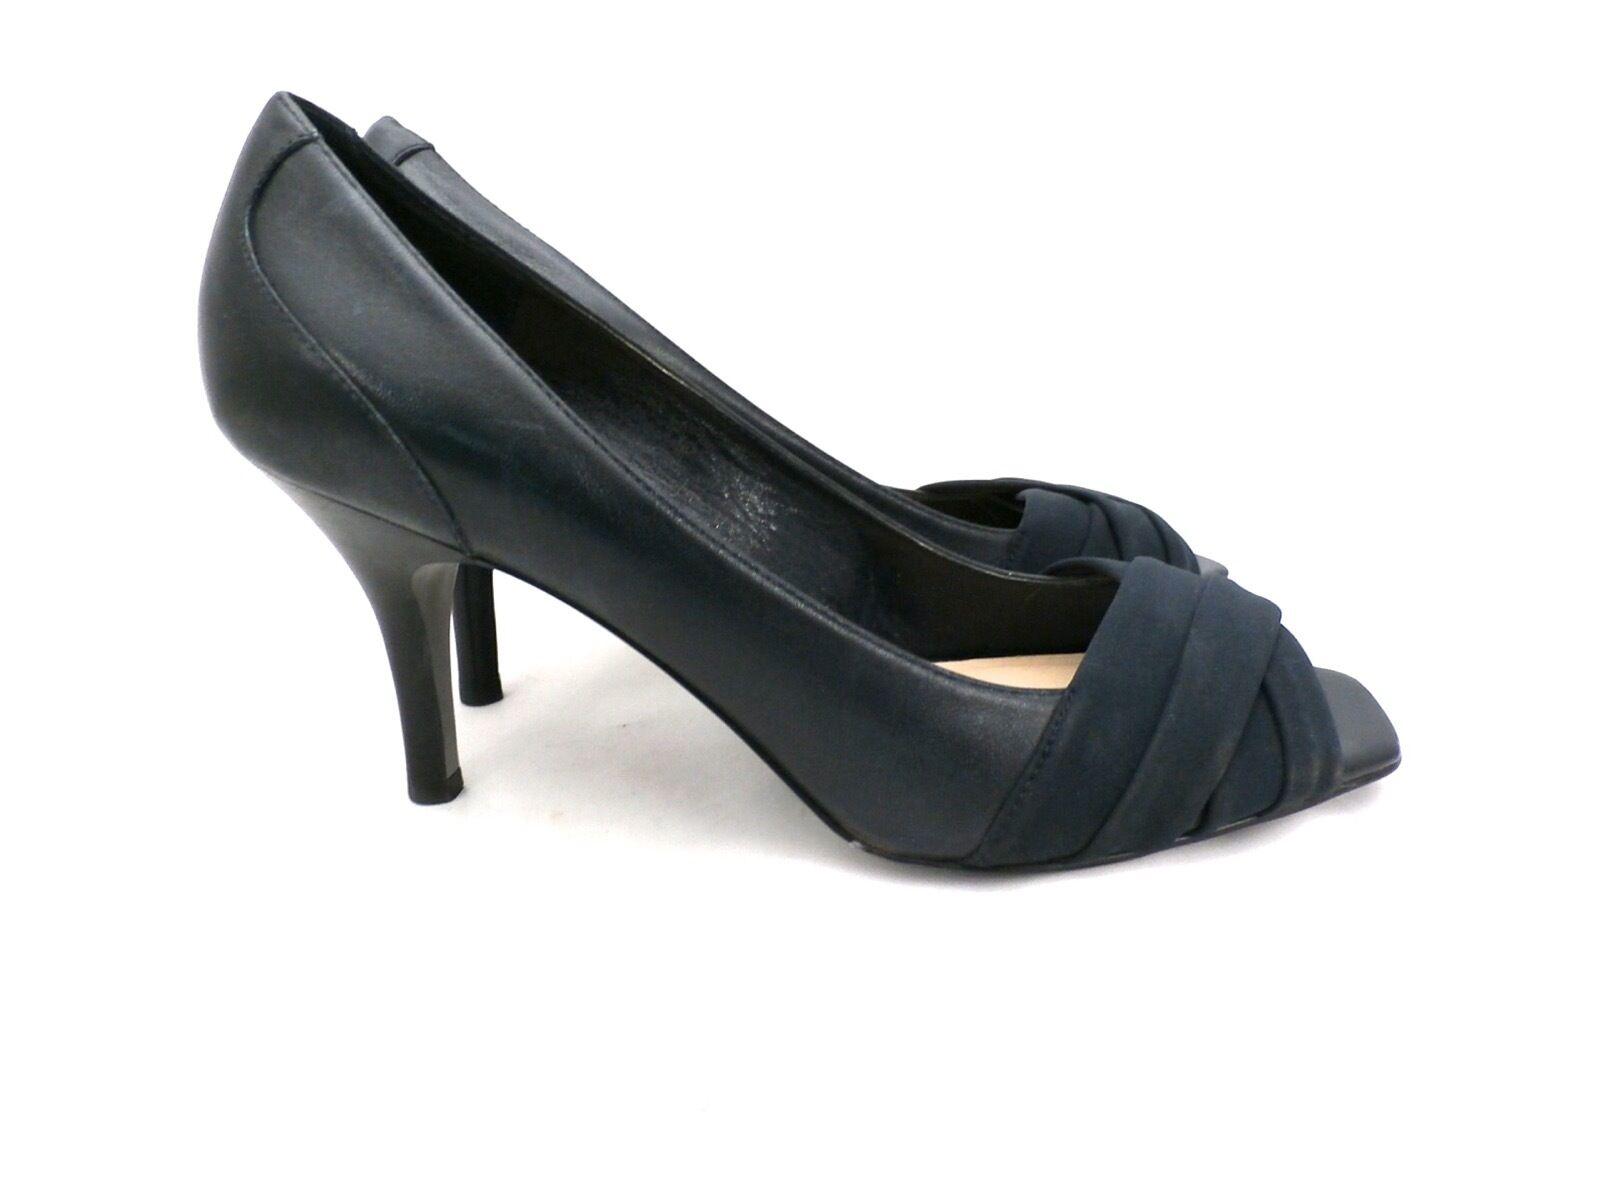 grandi prezzi scontati Ellen Tracy scarpe Pumps Pumps Pumps Open Toe Leather Navy blu Radley 10 M High Heel  fornire un prodotto di qualità